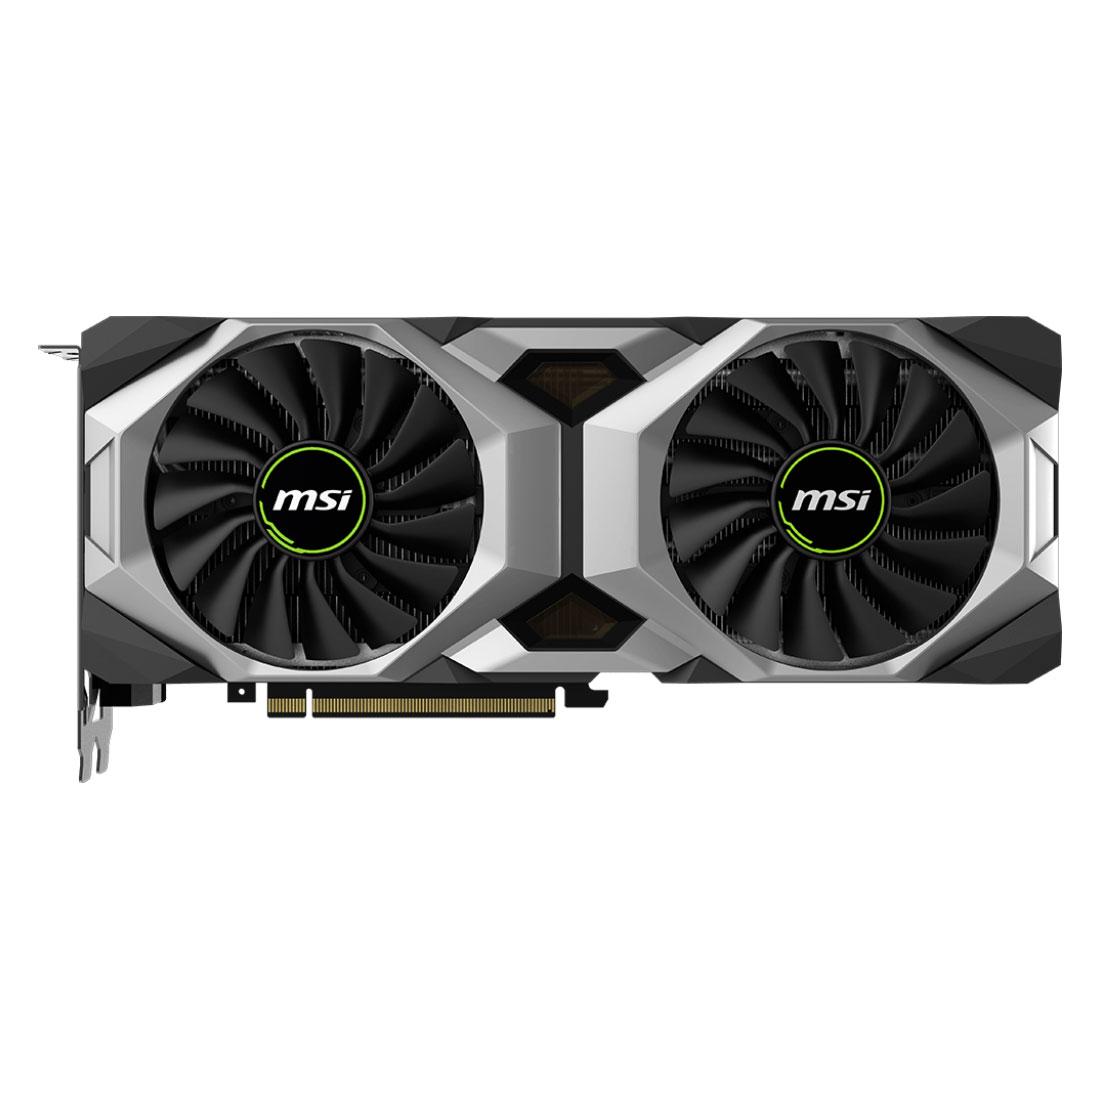 MSI GeForce RTX 2080 VENTUS 8G OC (912-V372-002) - Achat / Vente Carte graphique sur Cybertek.fr - 3